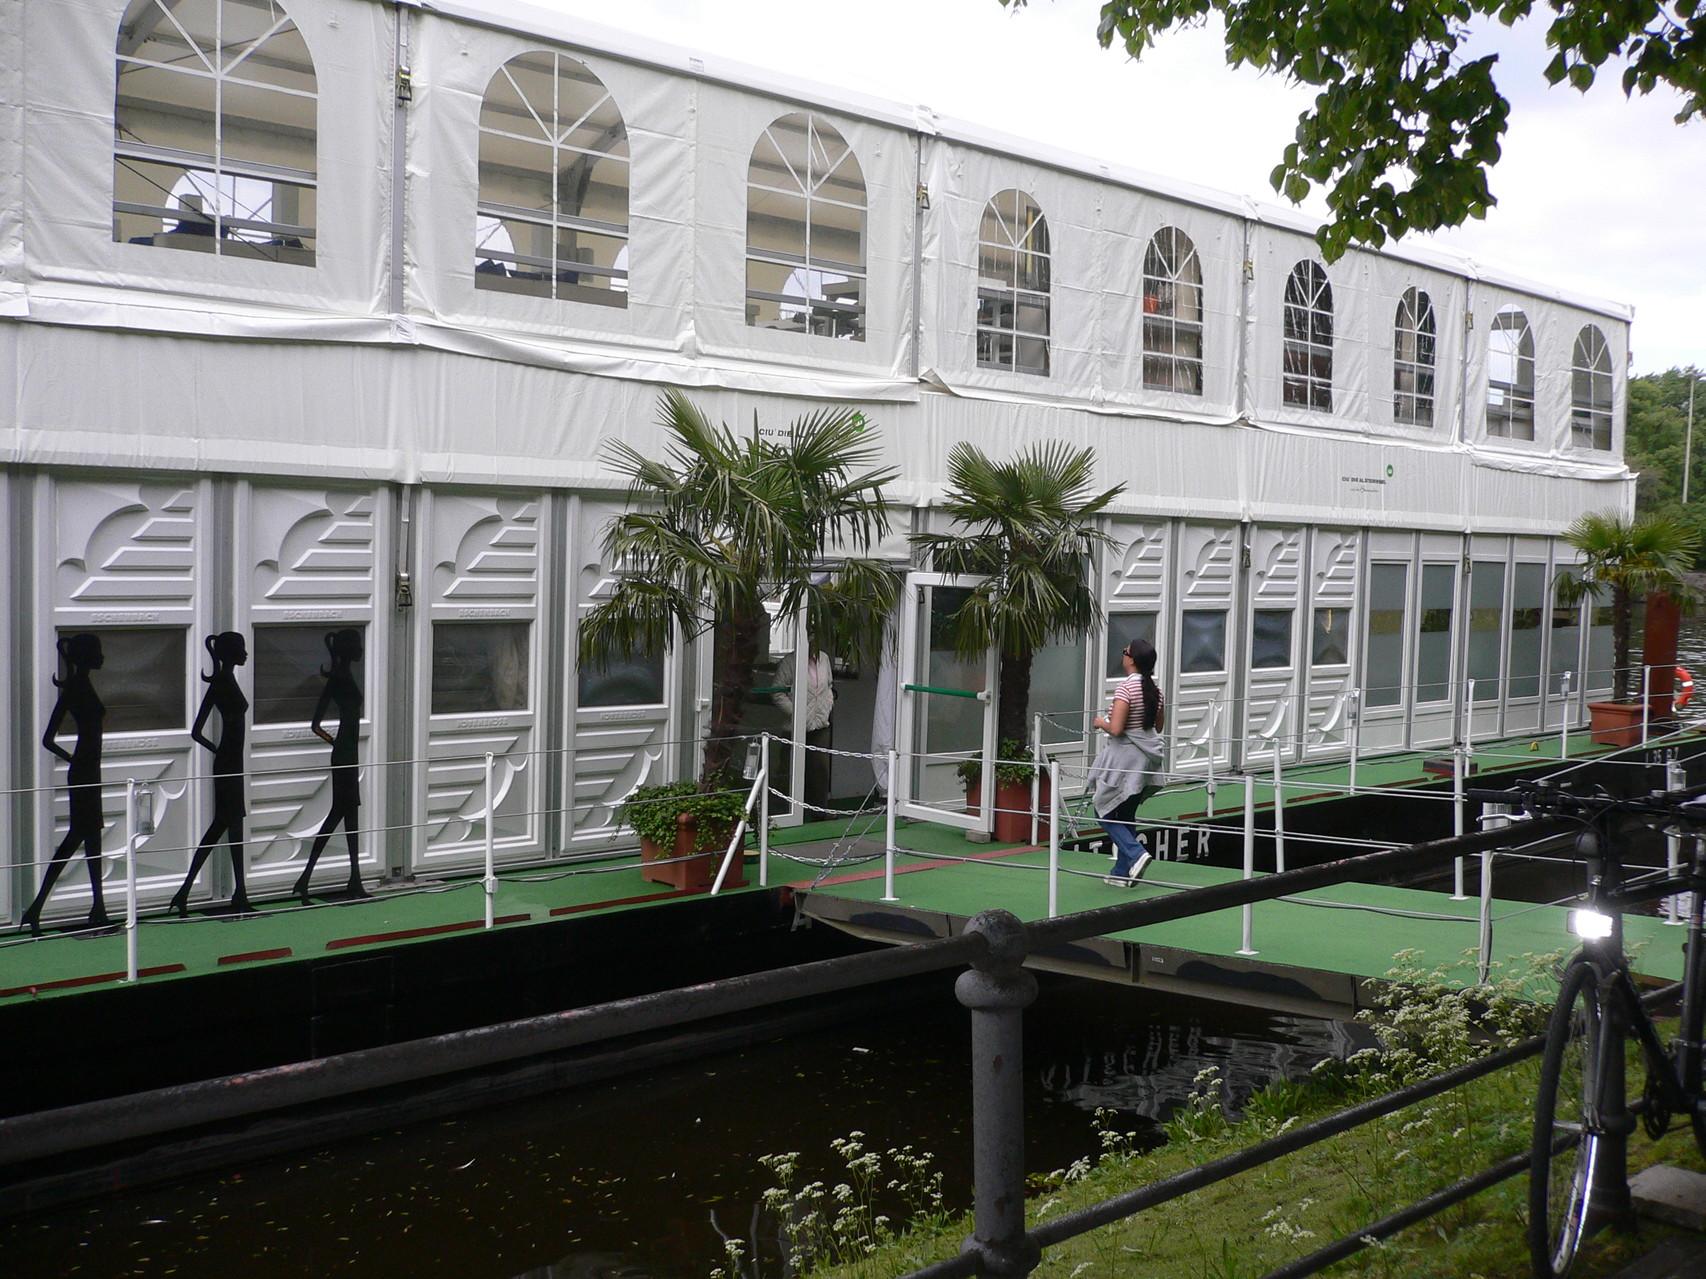 Schiffsrestaurant auf der Binnenalster